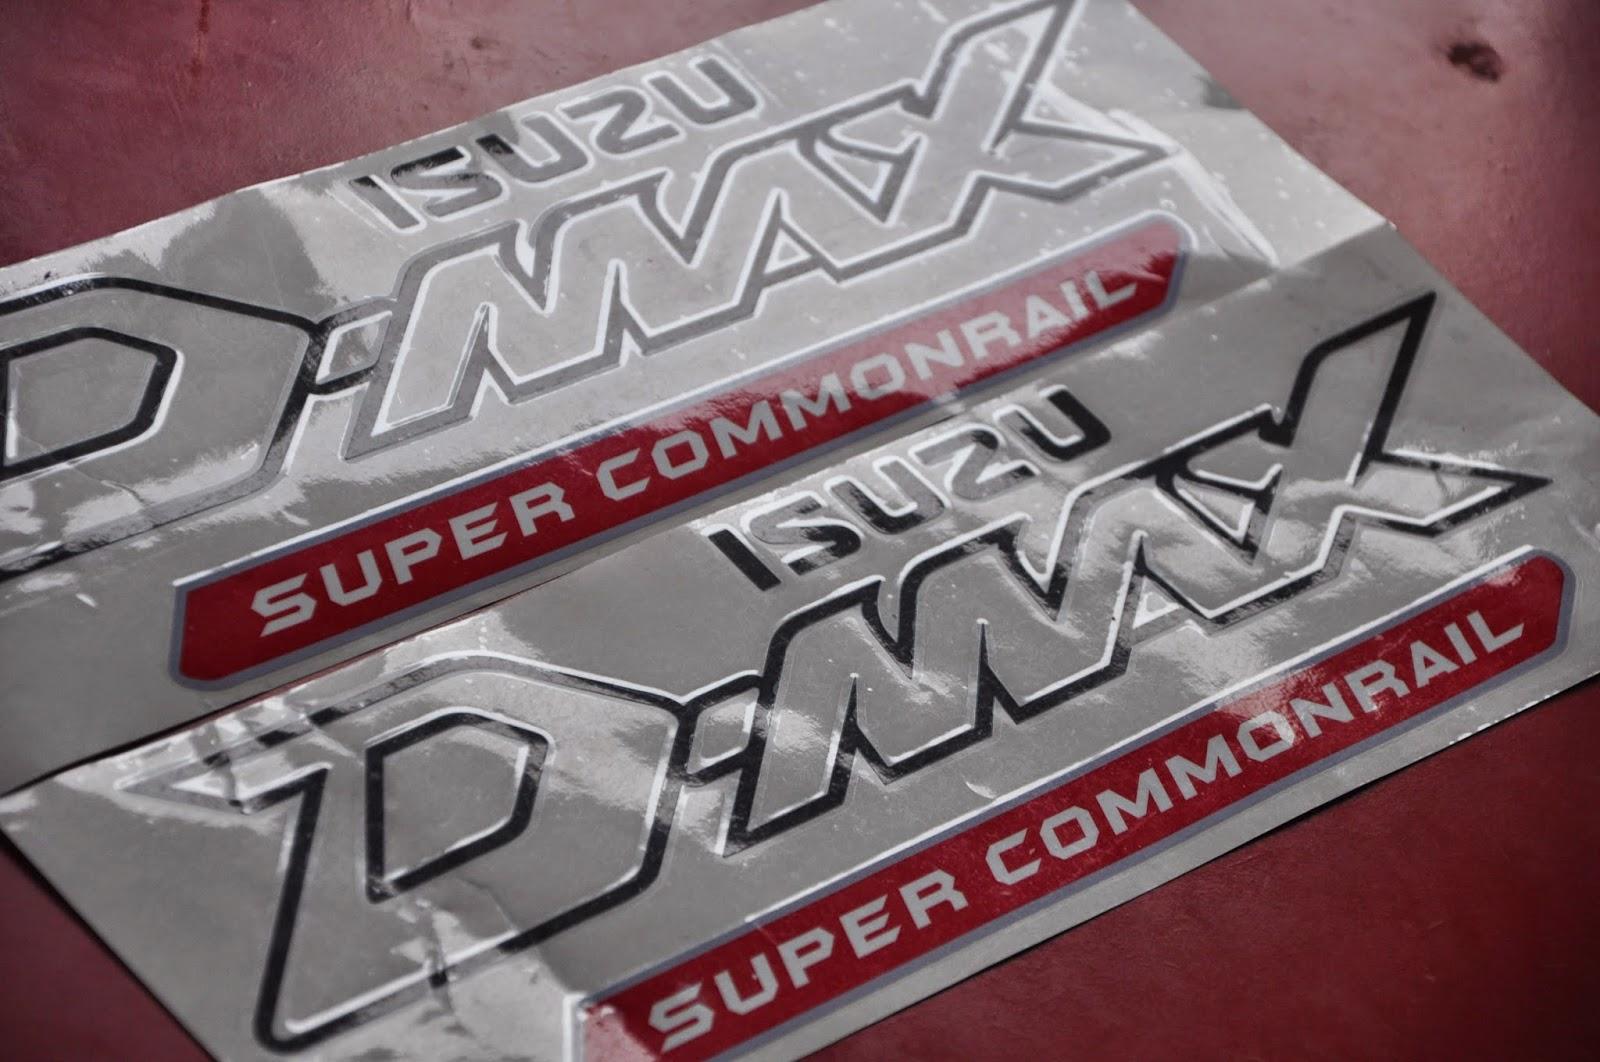 Dmax Isuzu Super Commonraill Sticker Oem Autodecalshouse